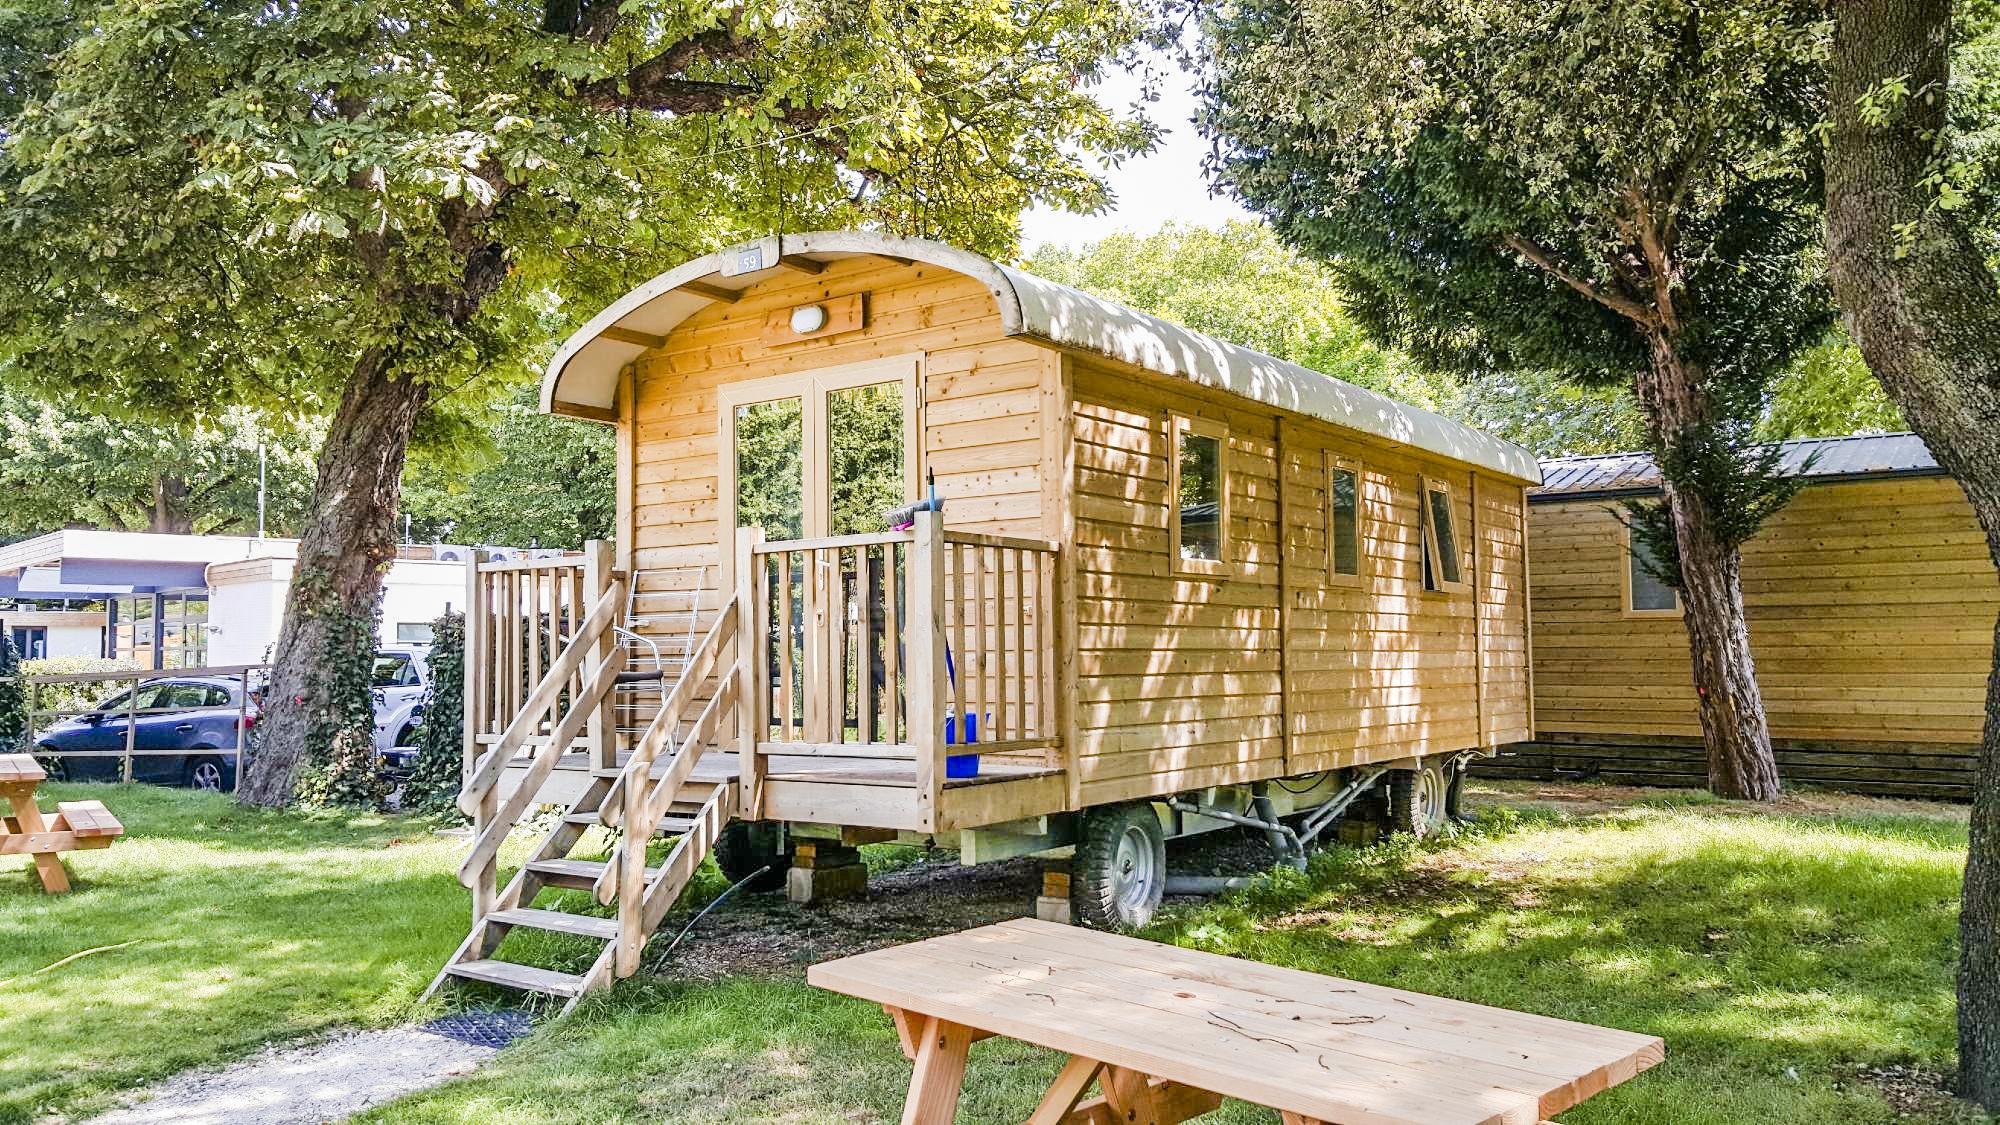 Entrada + Camping de Paris - Gypsy Caravan